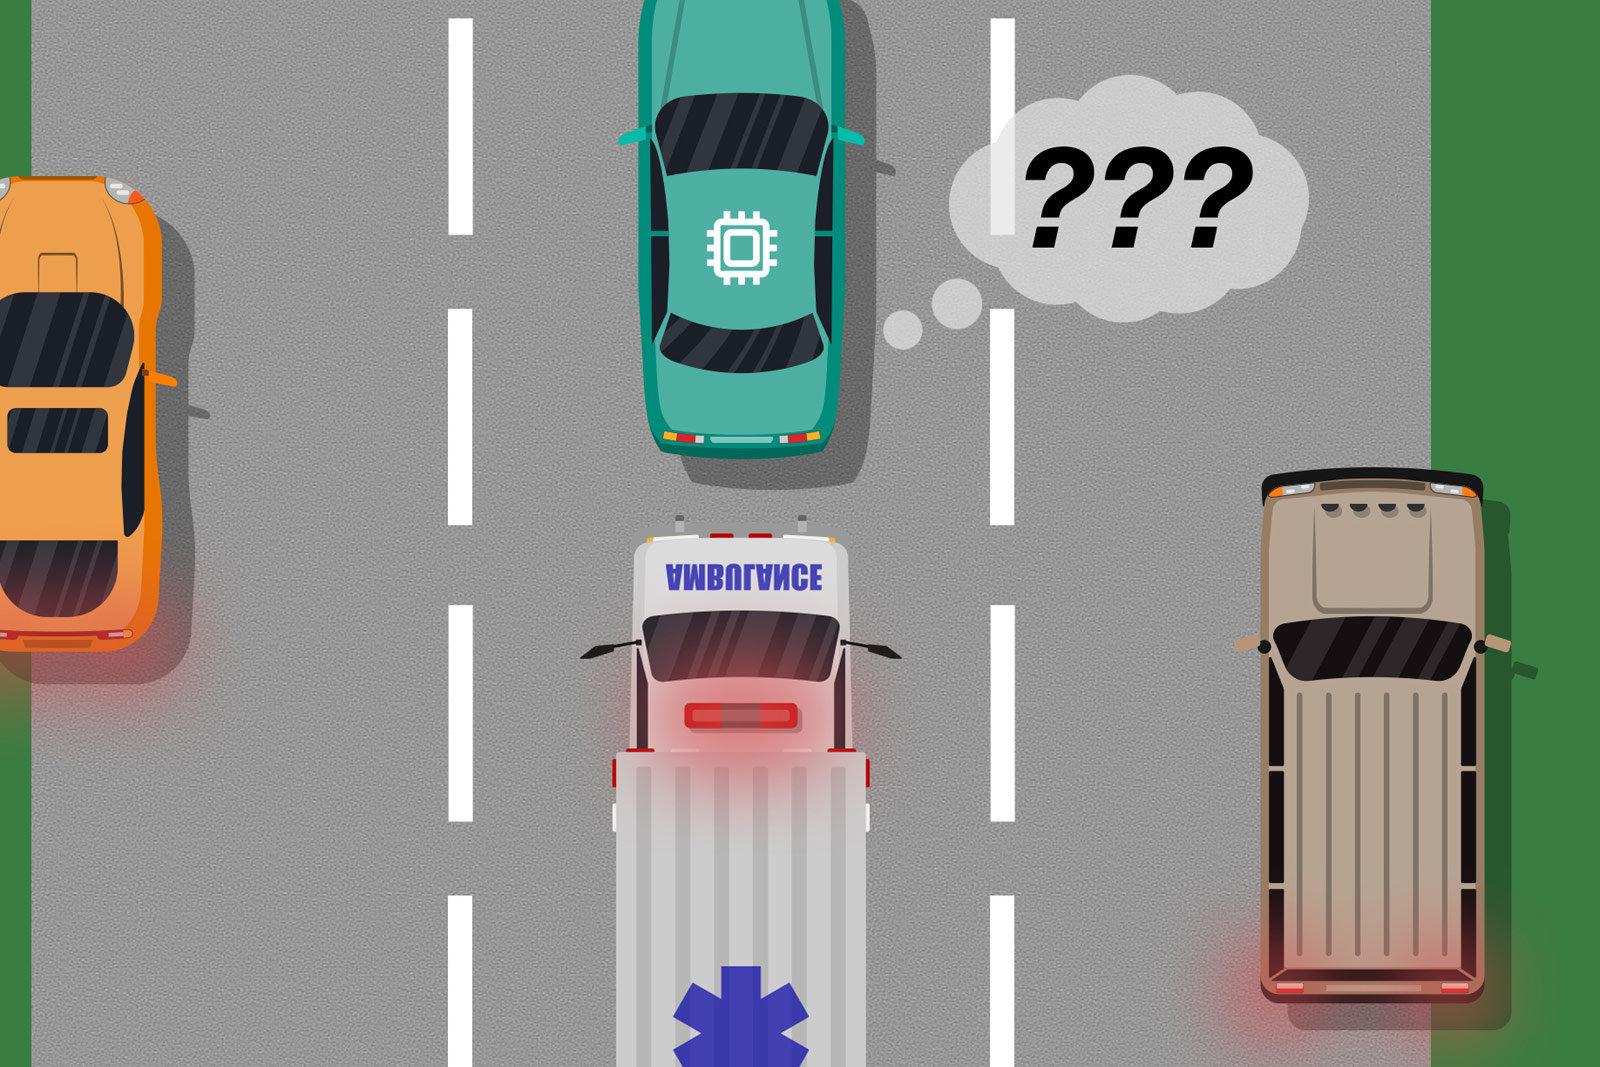 Sürücüsüz otomobil